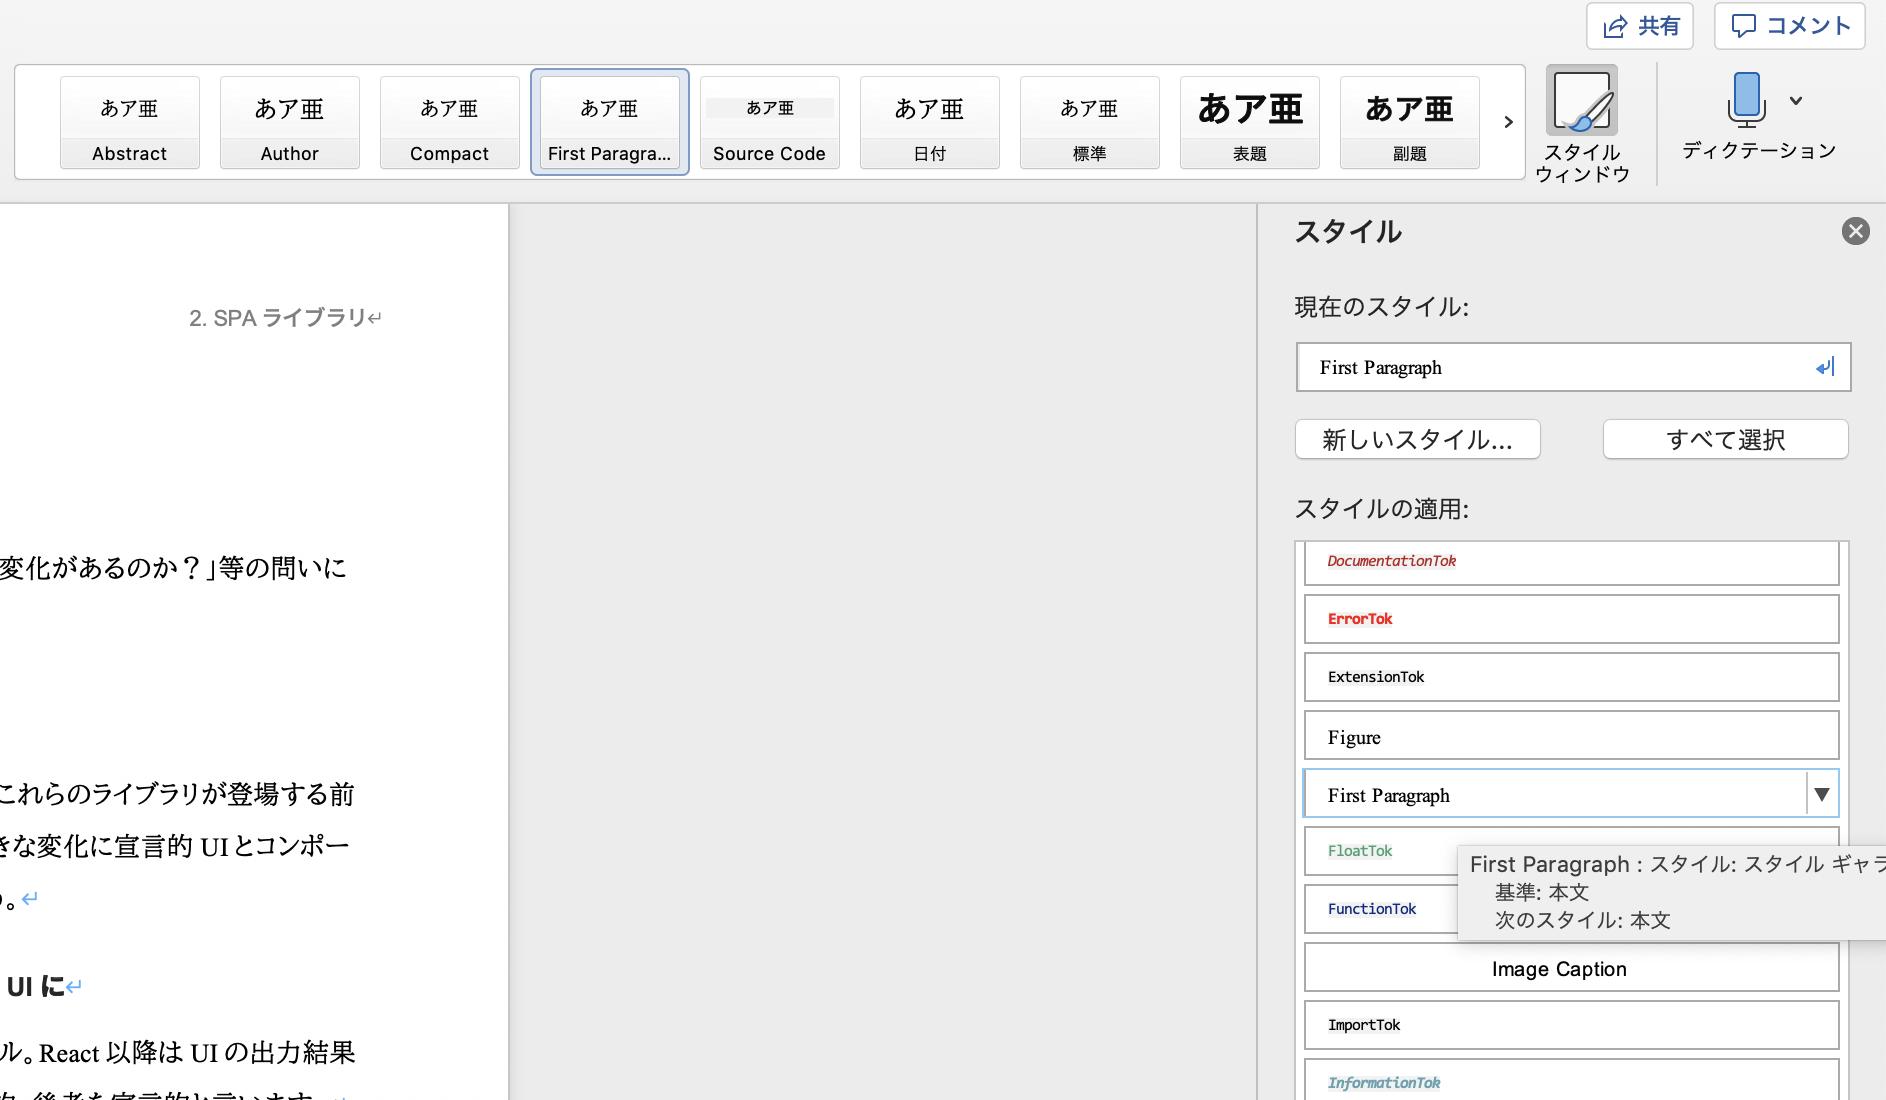 スクリーンショット 2020-02-23 18.16.45.png (333.3 kB)